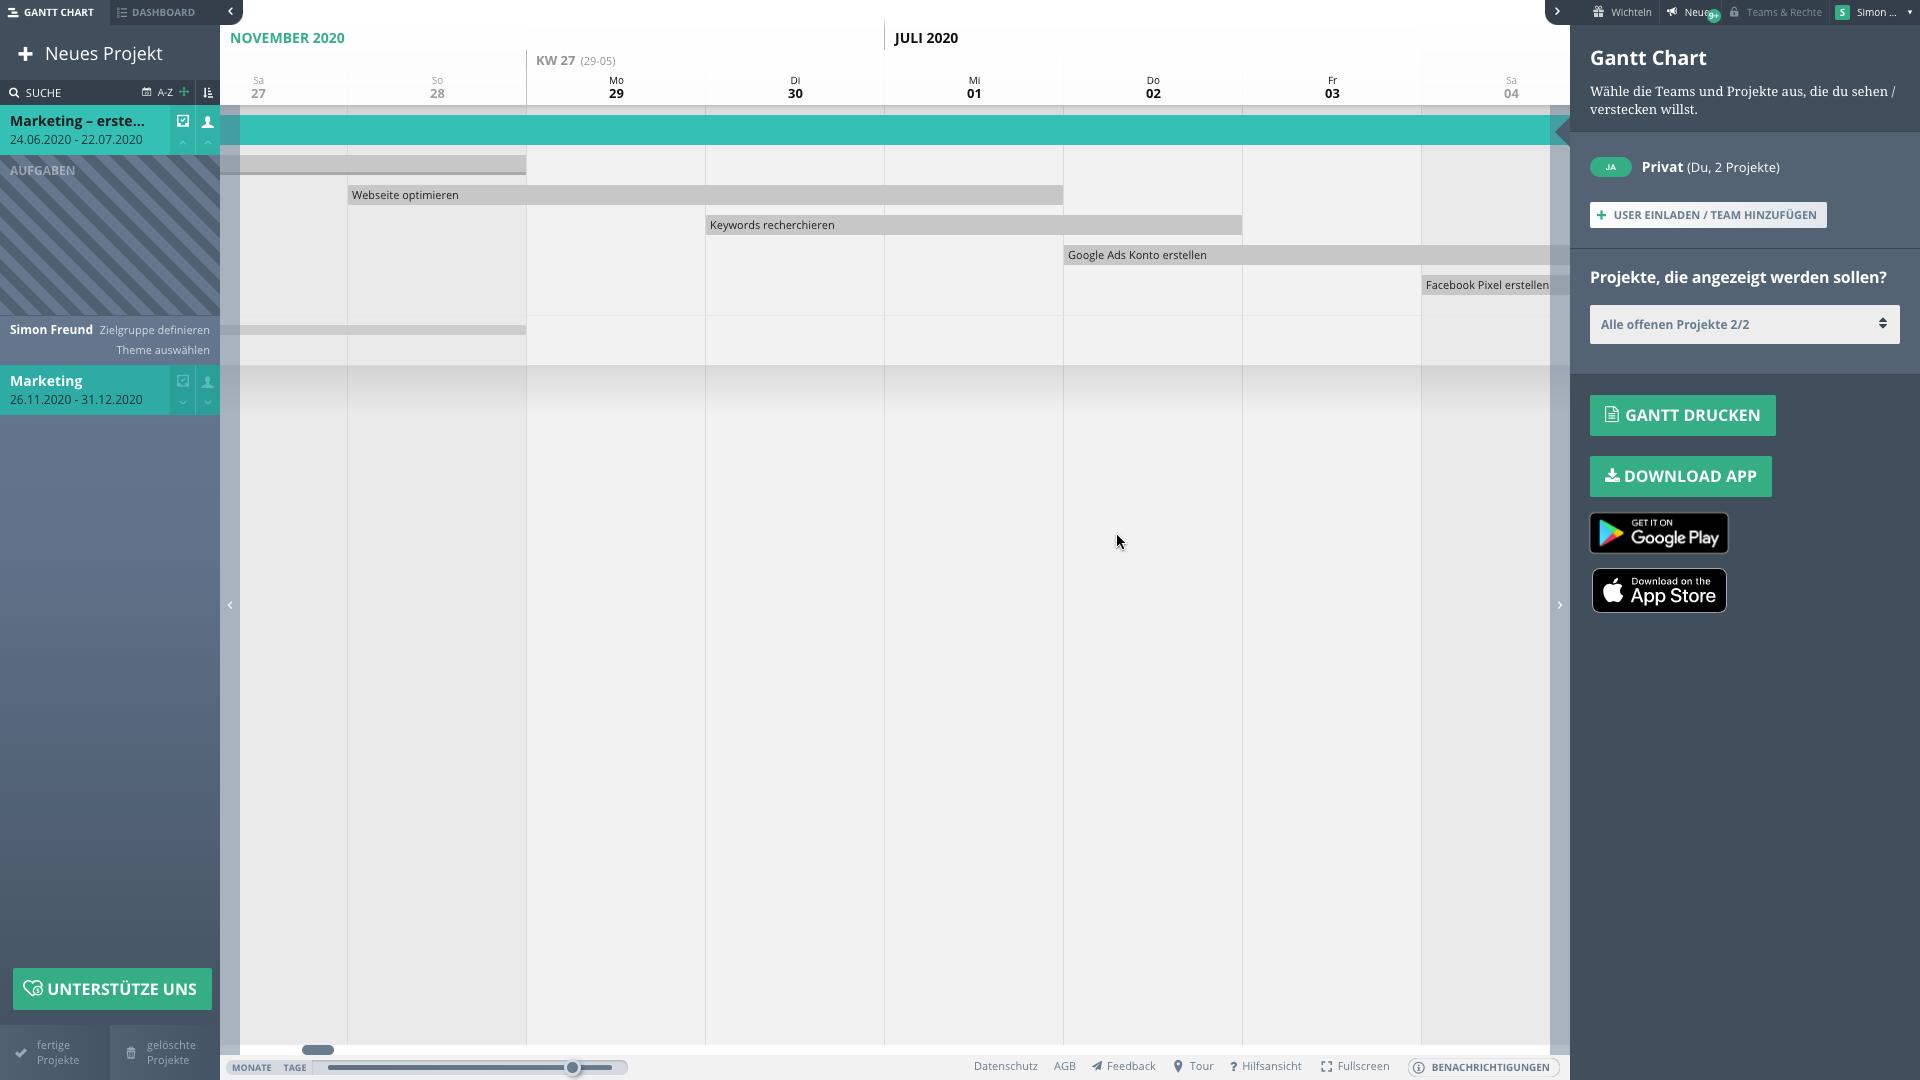 Ein Screenshot des Tools Agantty